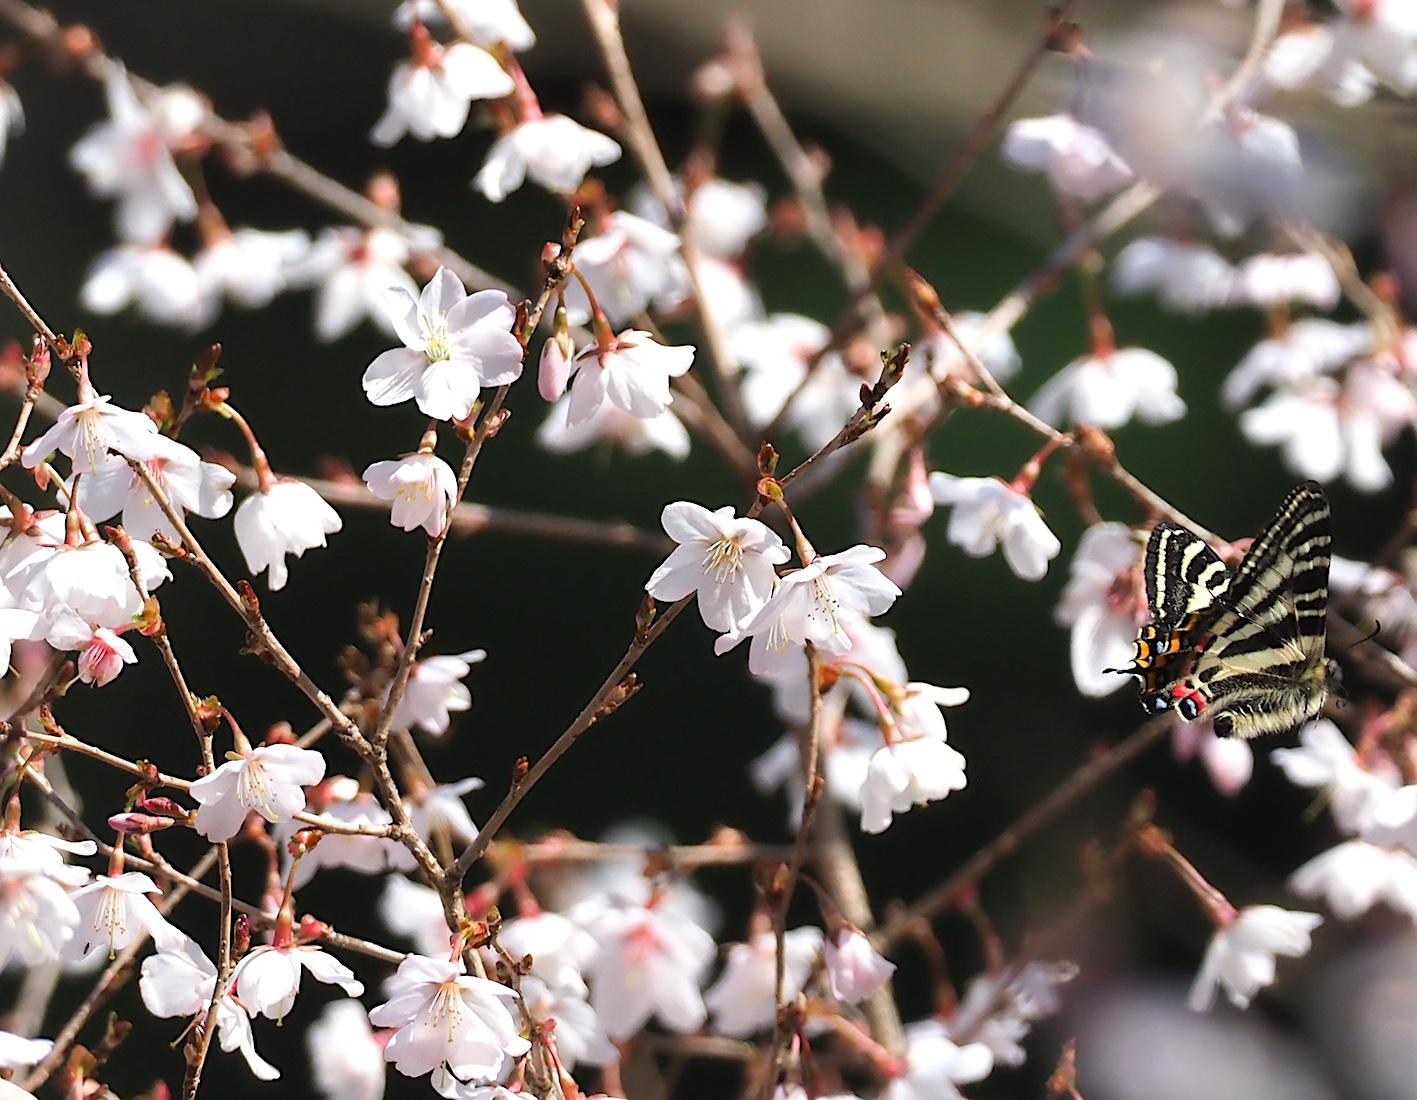 春の女神ギフチョウ、飛翔シーンの部(2020年4月2日)_d0303129_21363368.jpg